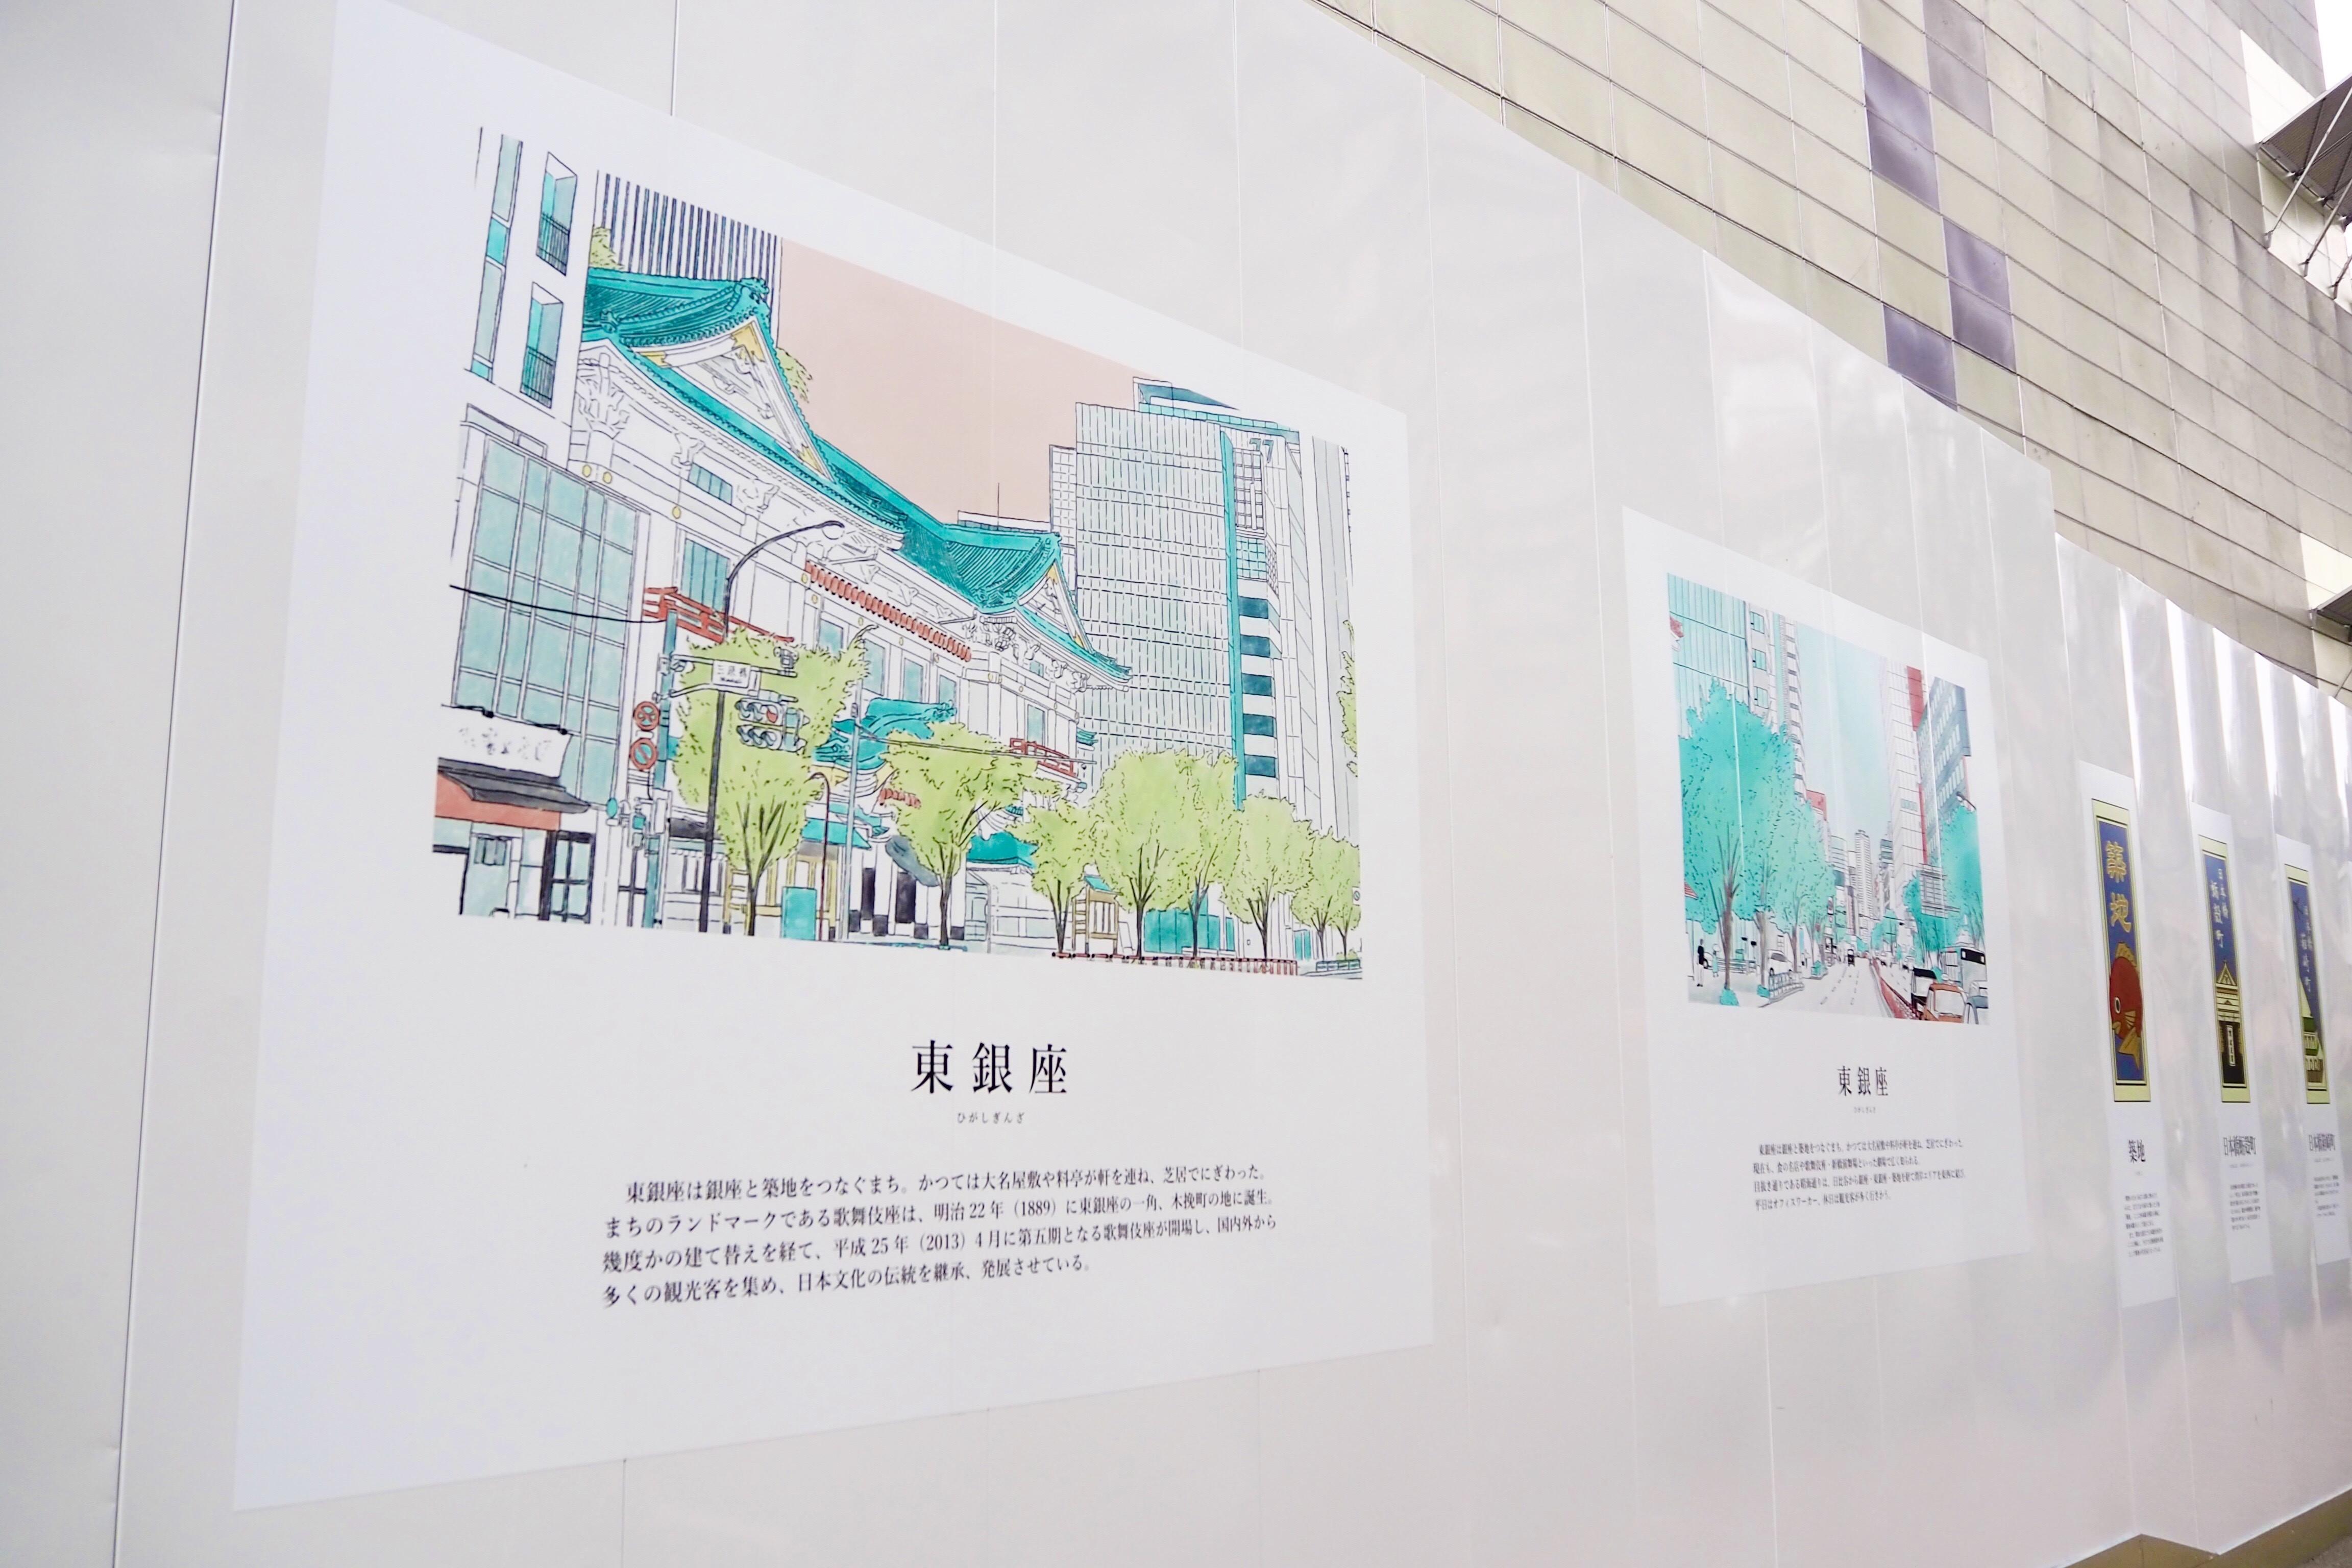 仮囲いアート『中央区三十七町と東銀座展』